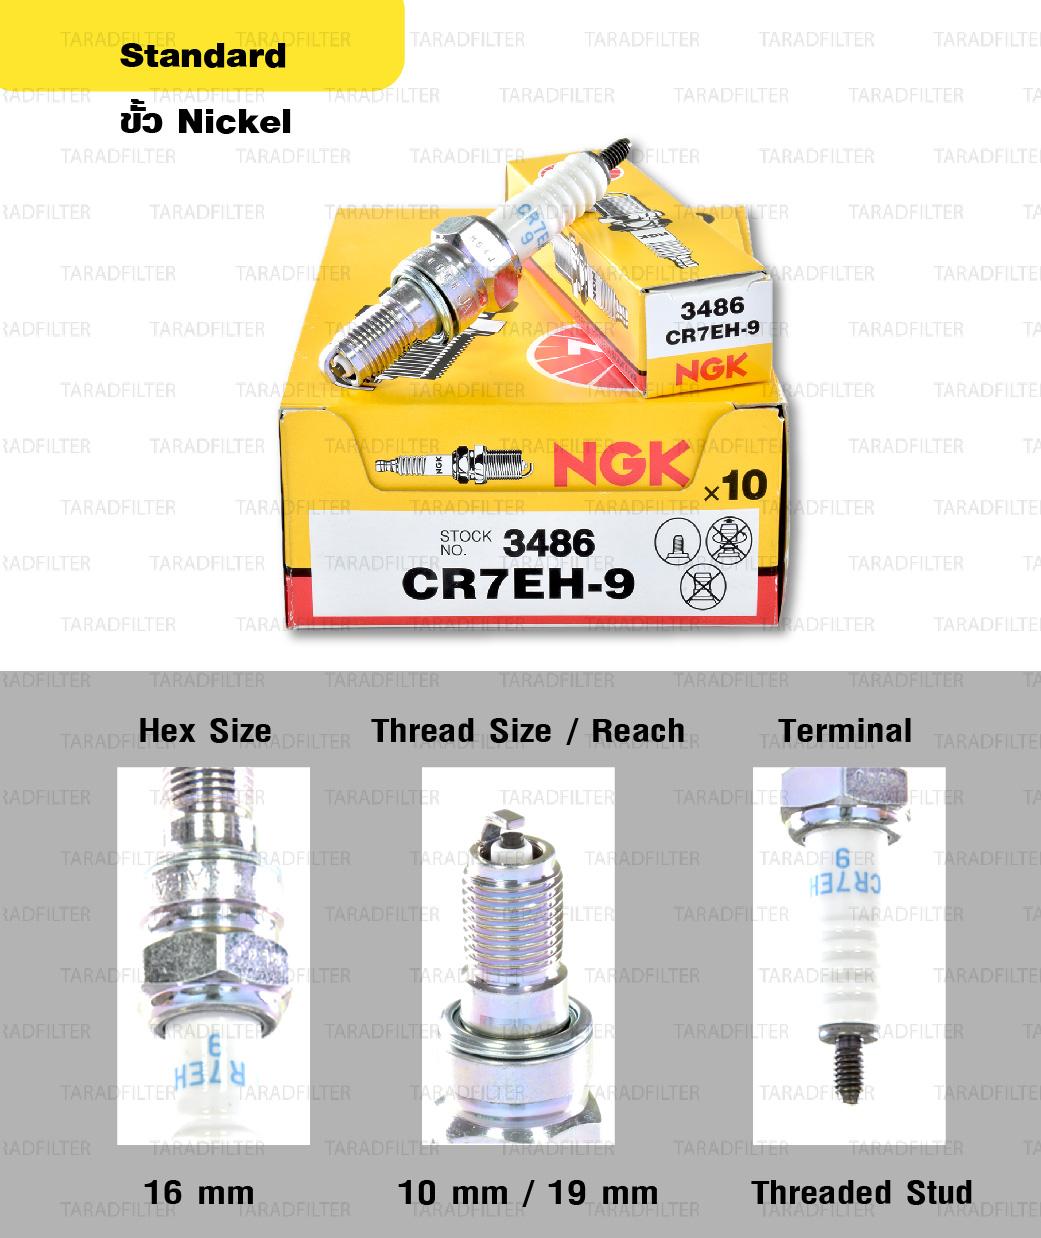 หัวเทียน NGK CR7EH-9 ขั้ว NICKEL (1 หัว) – Made in Japan